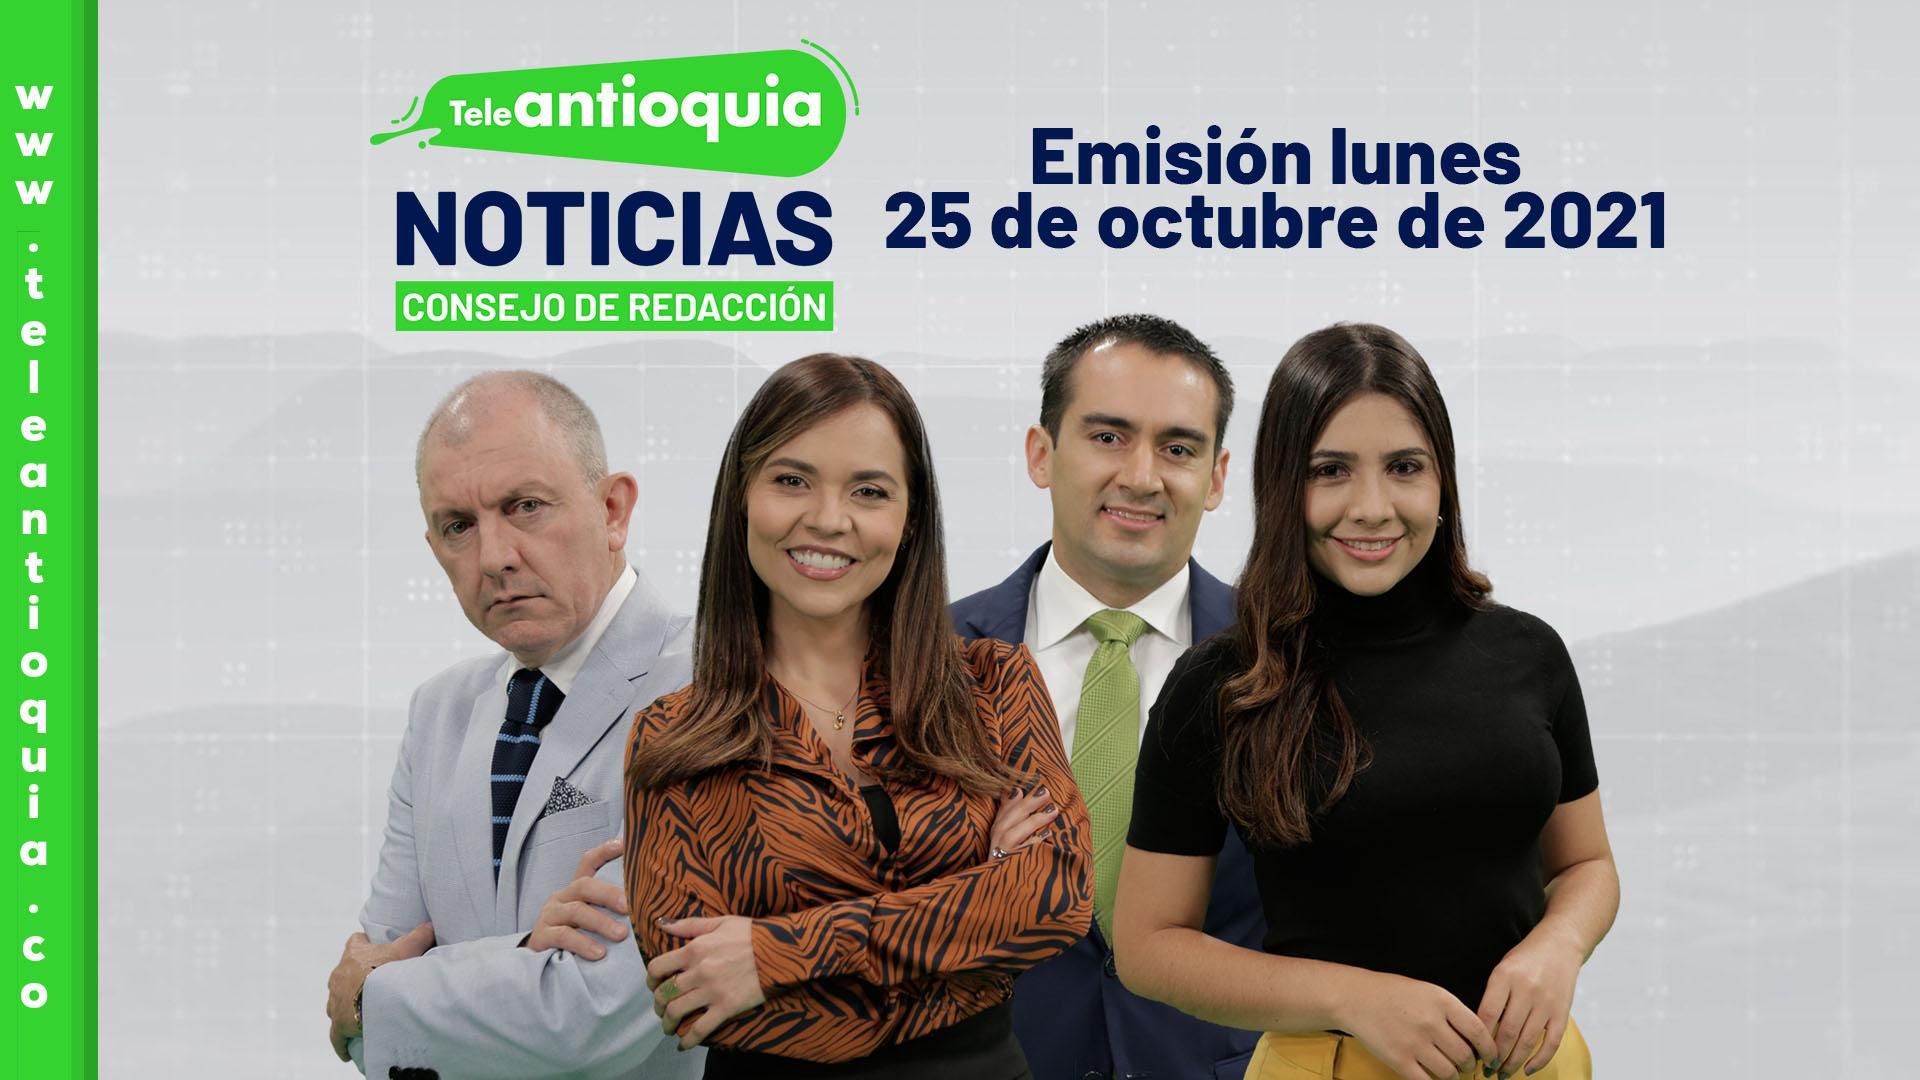 Consejo de Redacción - lunes 25 de octubre de 2021